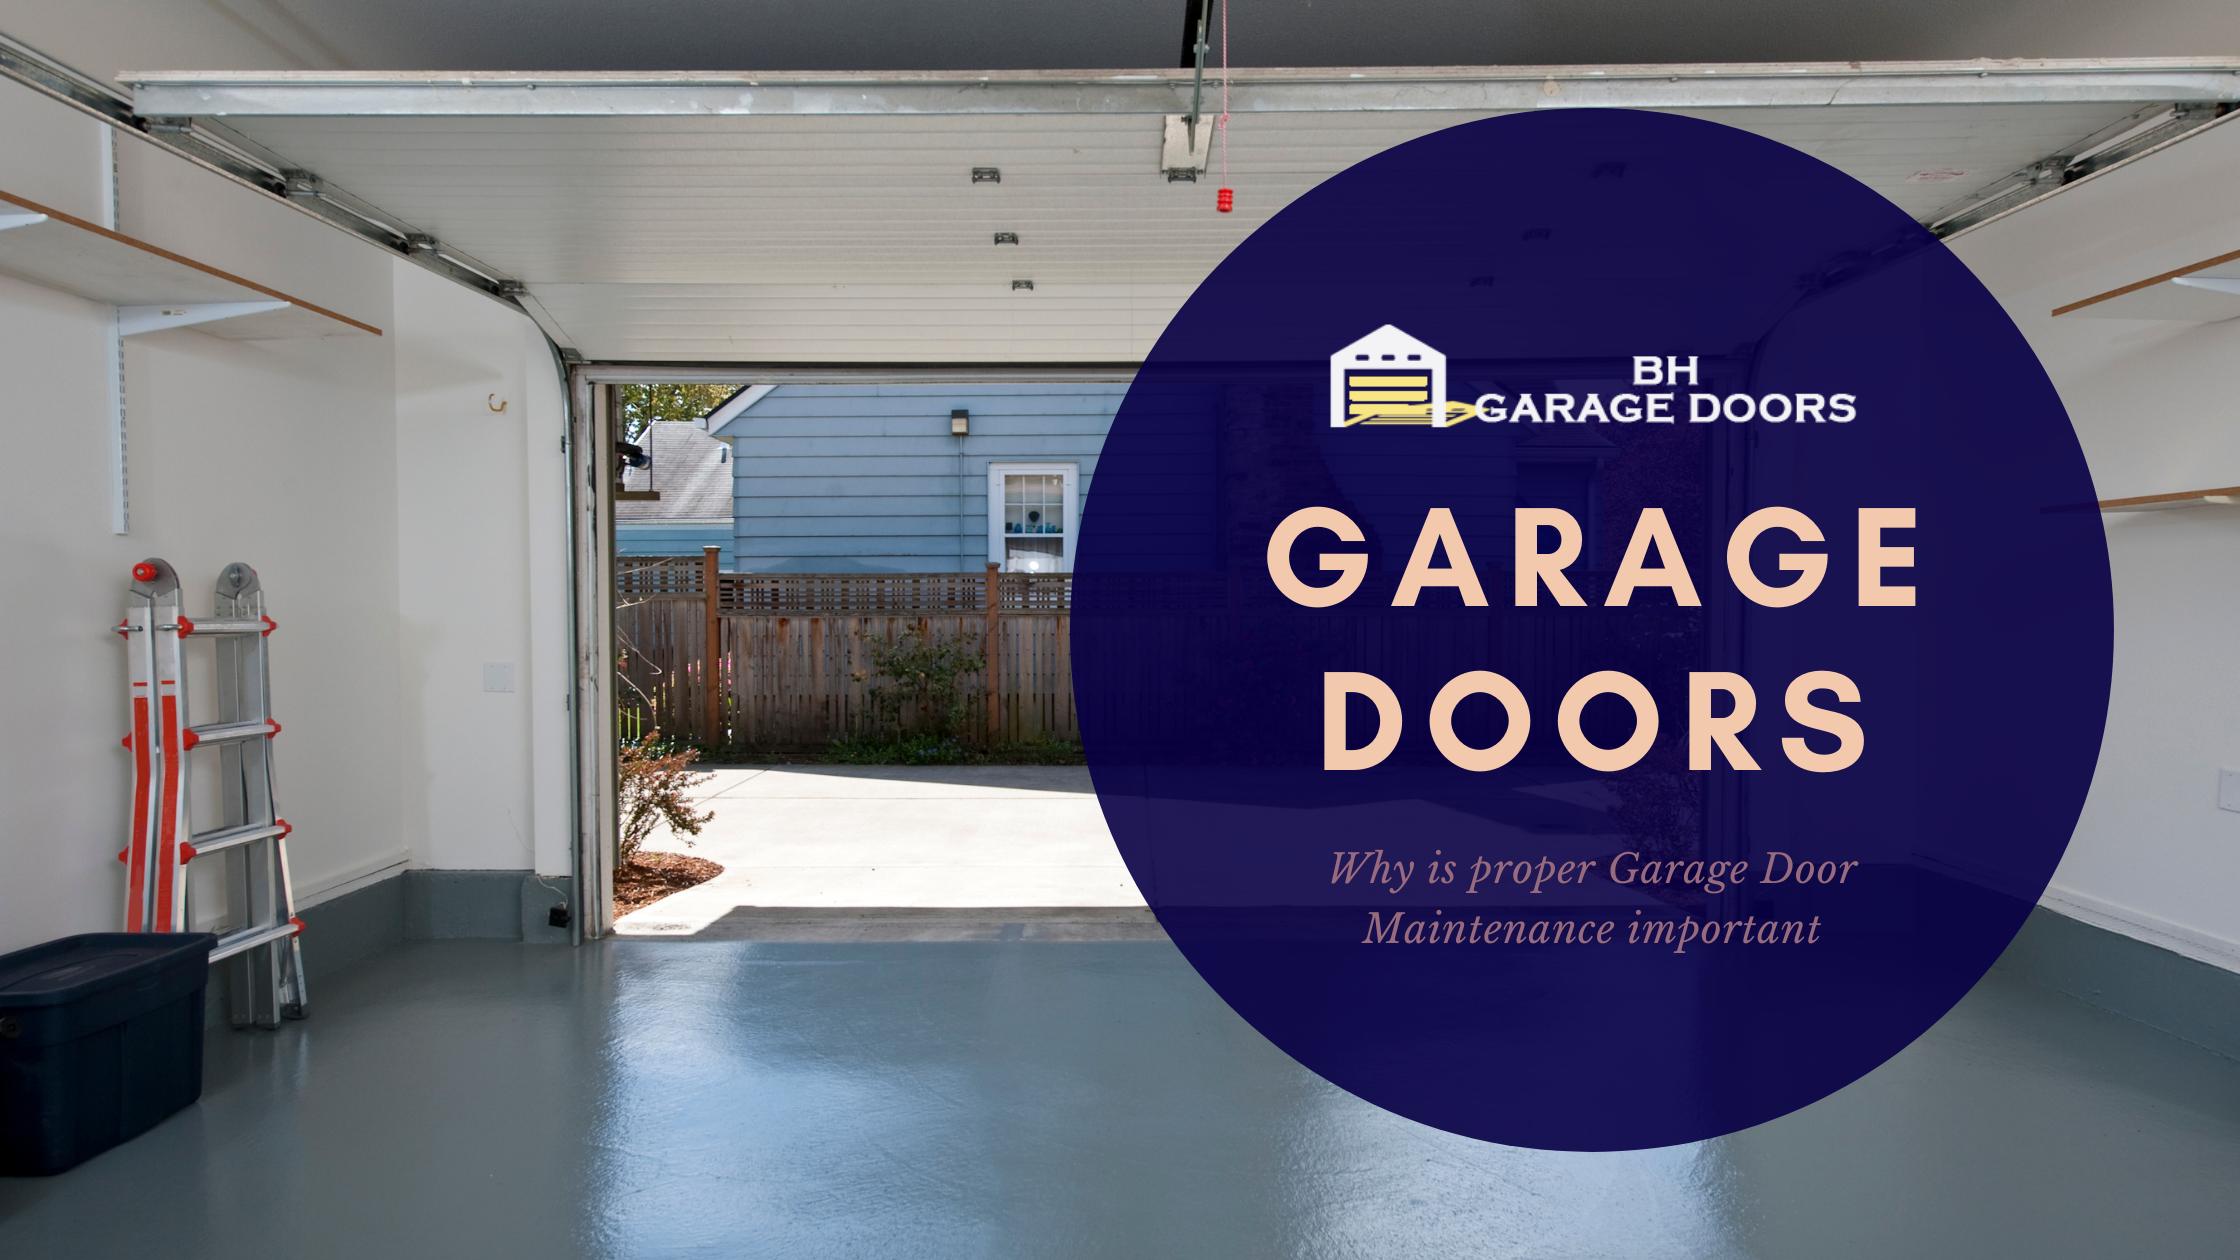 BH Garage Door Inc - Chicago IL